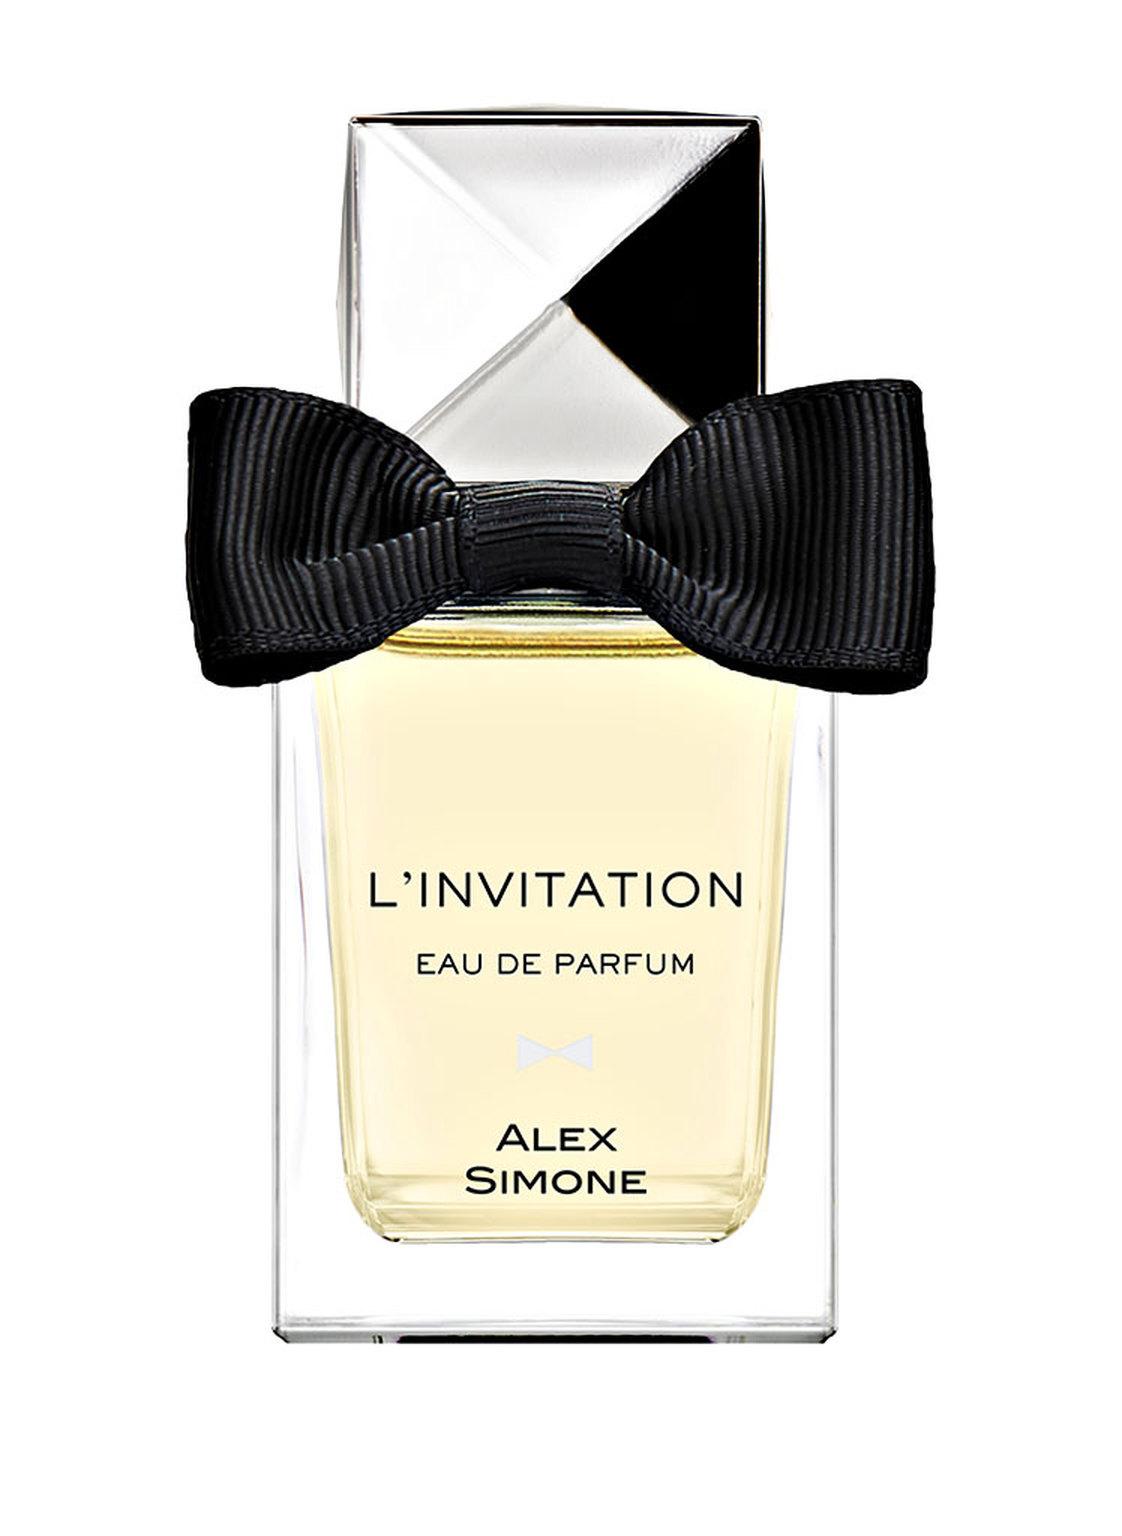 Image of Alex Simone L'invitation Eau de Parfum 30 ml